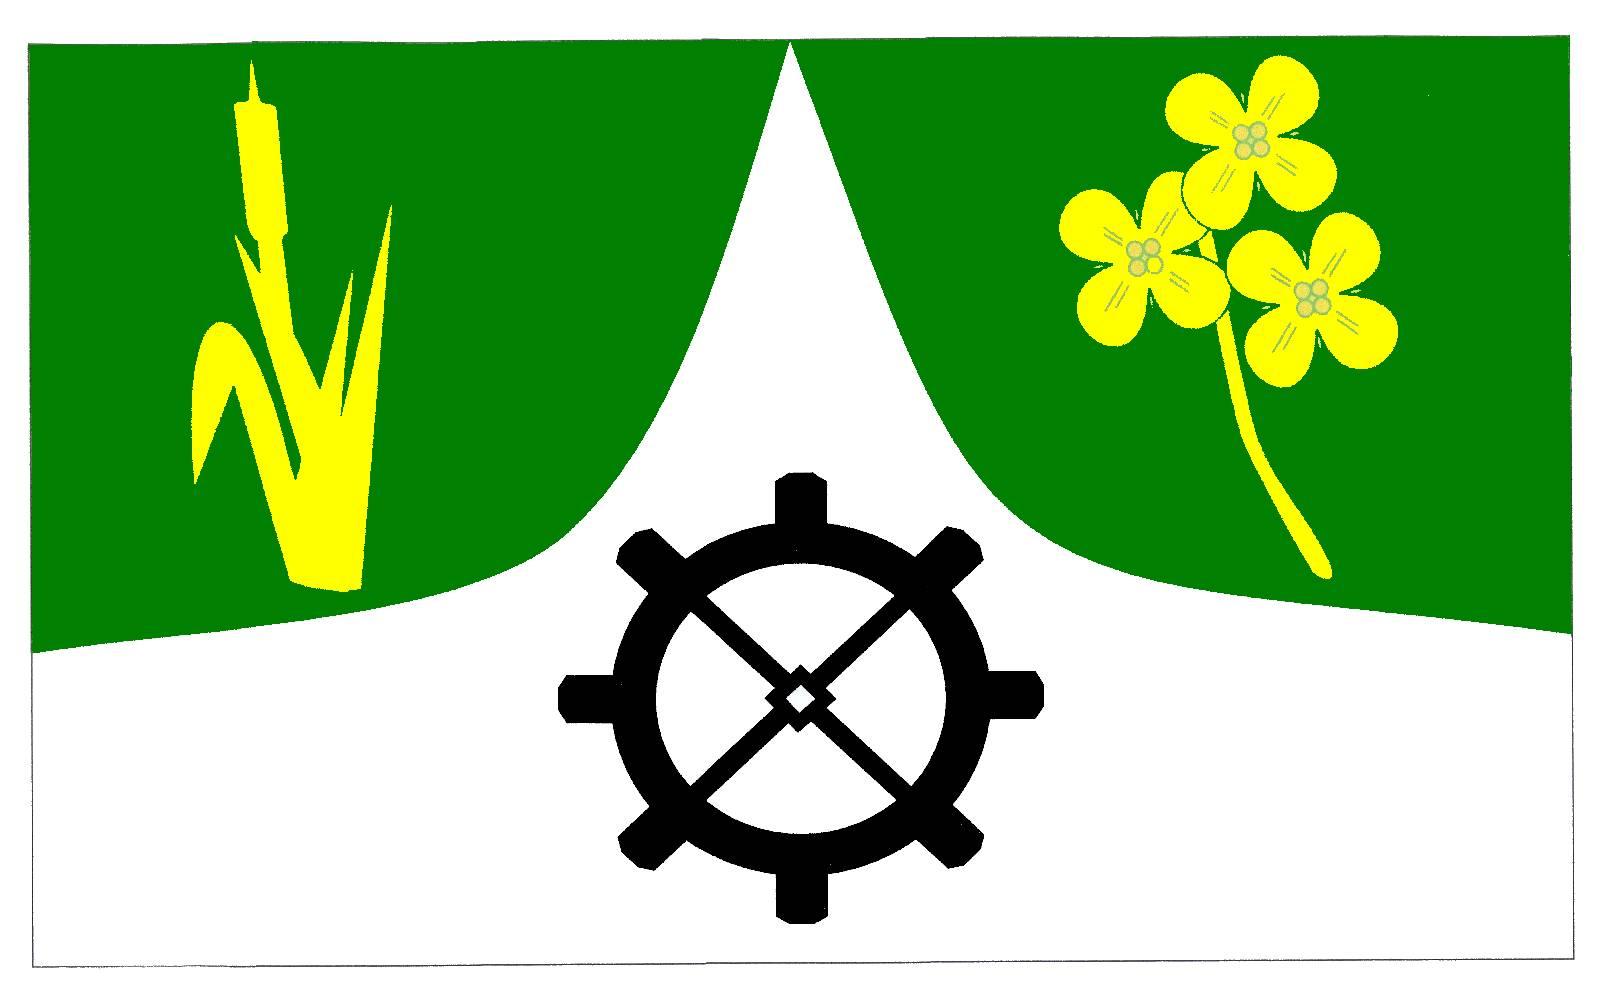 Flagge GemeindeMöhnsen, Kreis Herzogtum Lauenburg